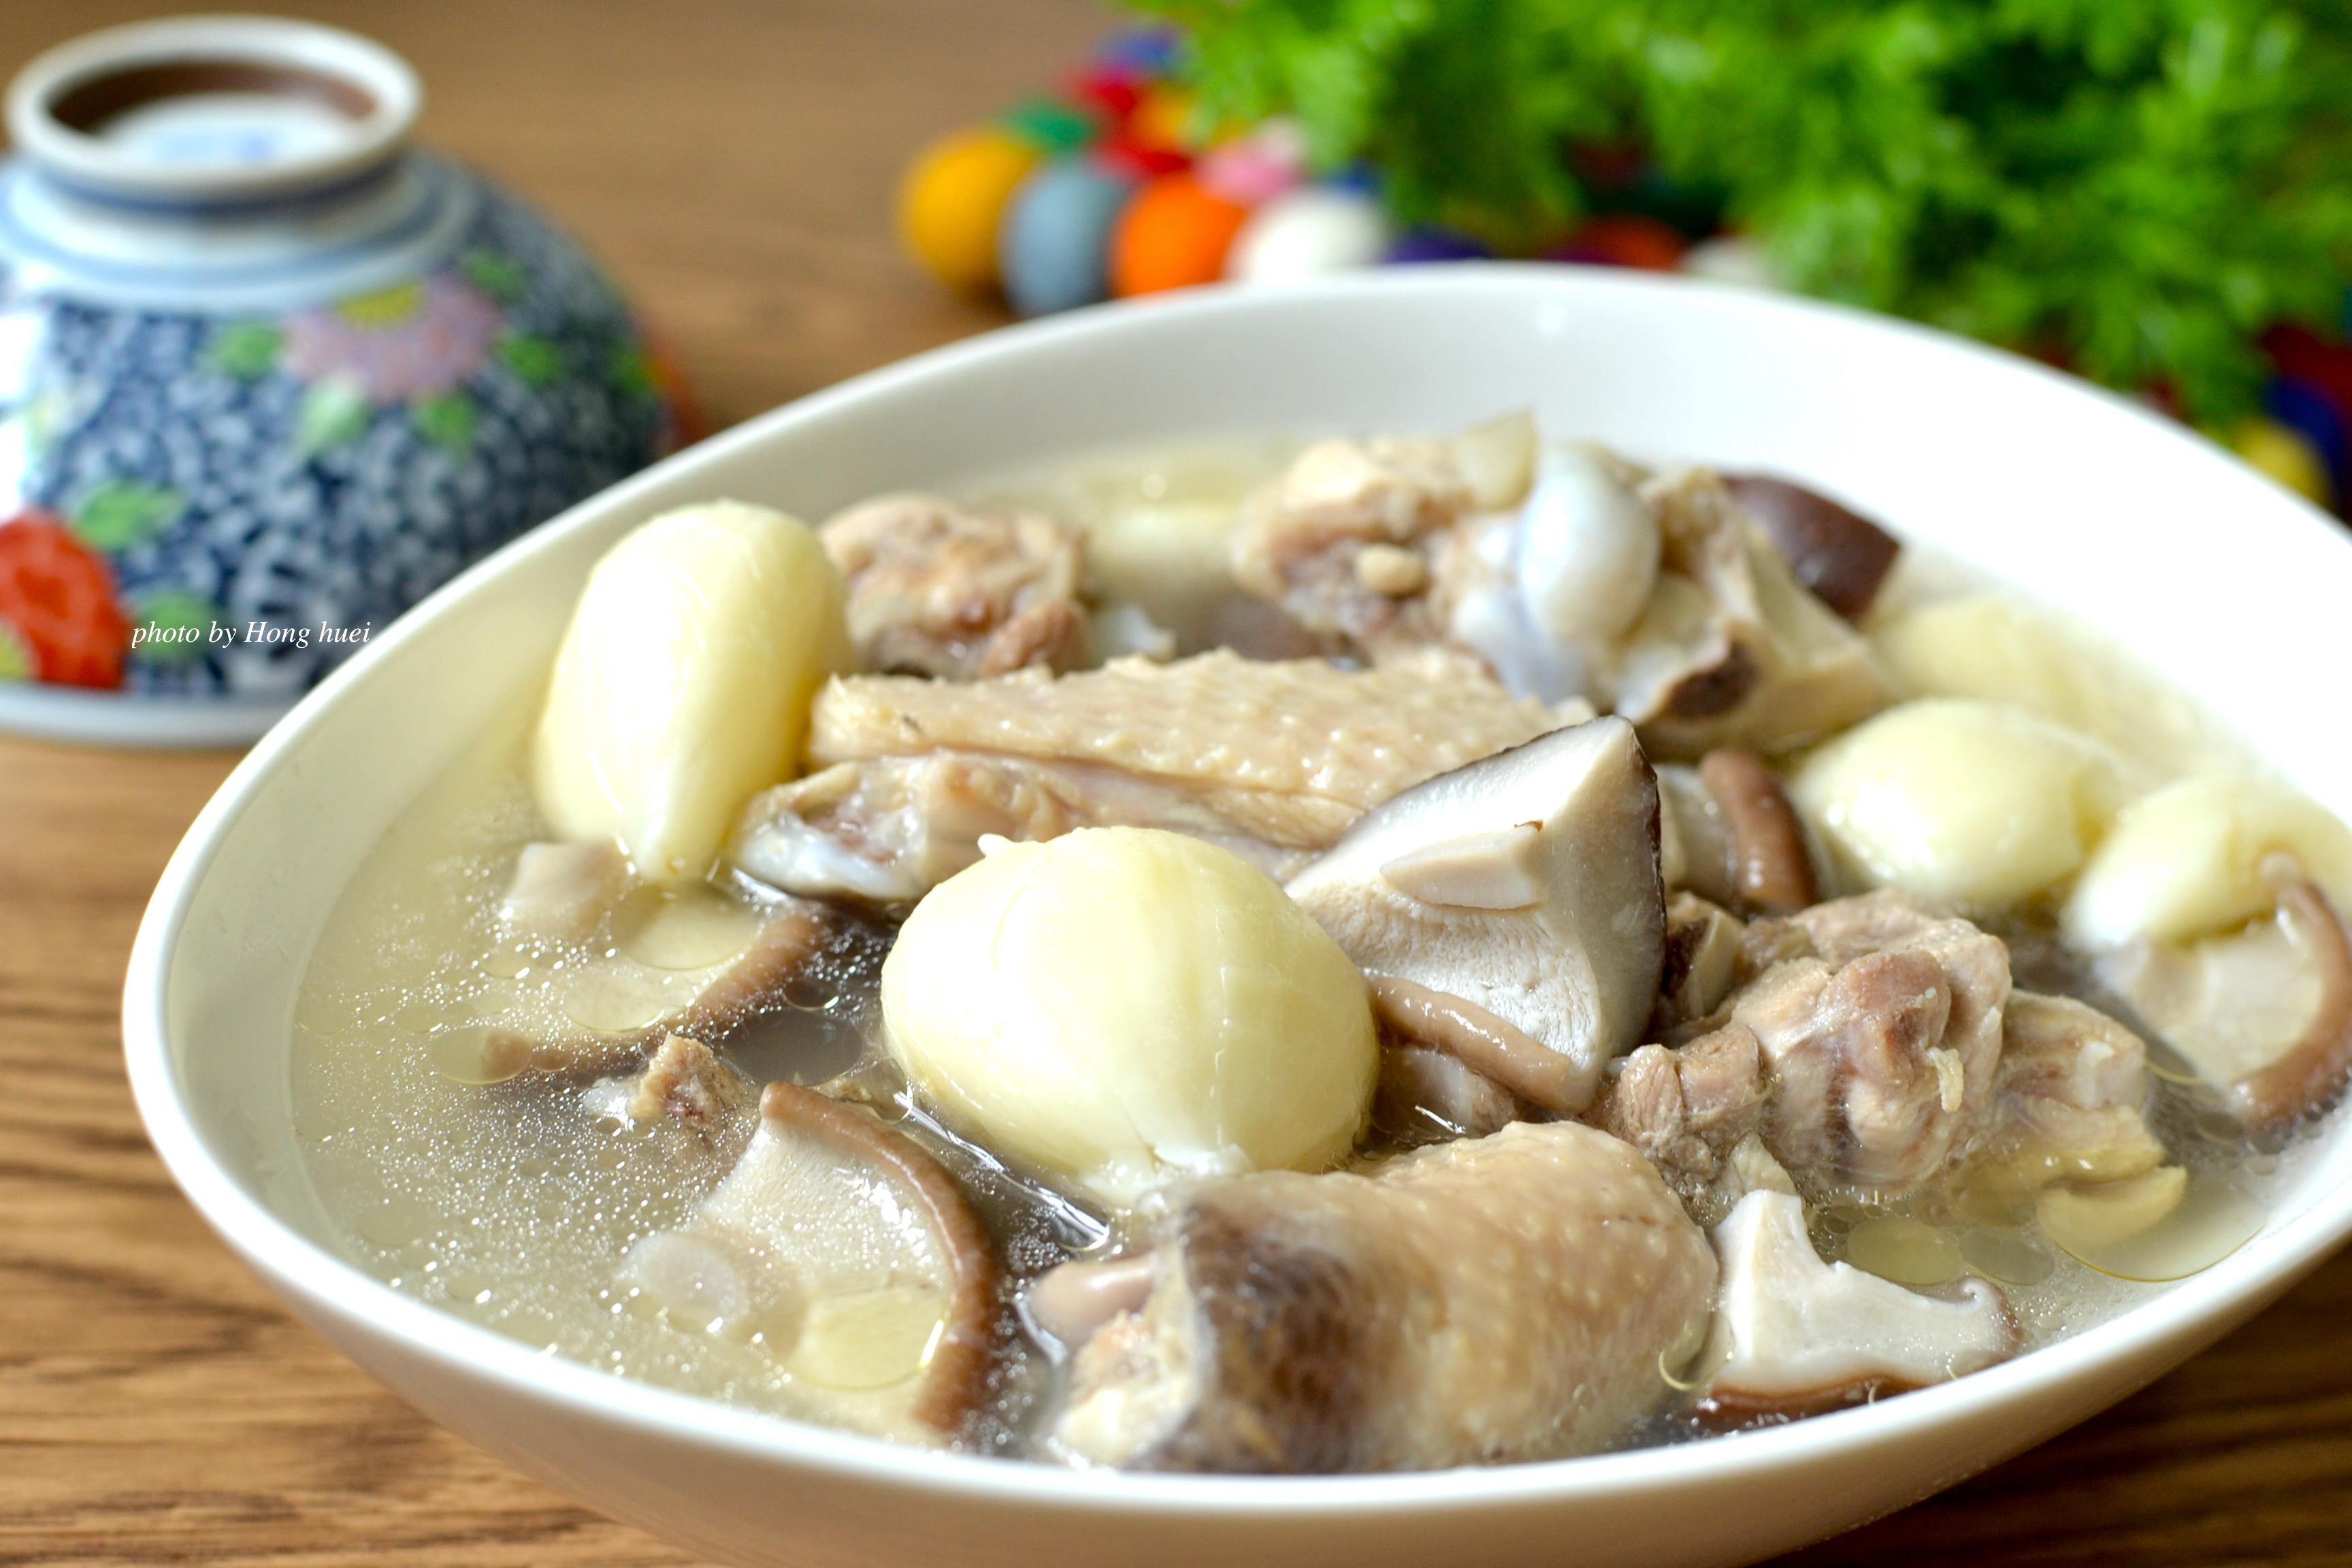 電鍋輕鬆做「蒜頭鮮菇雞湯」